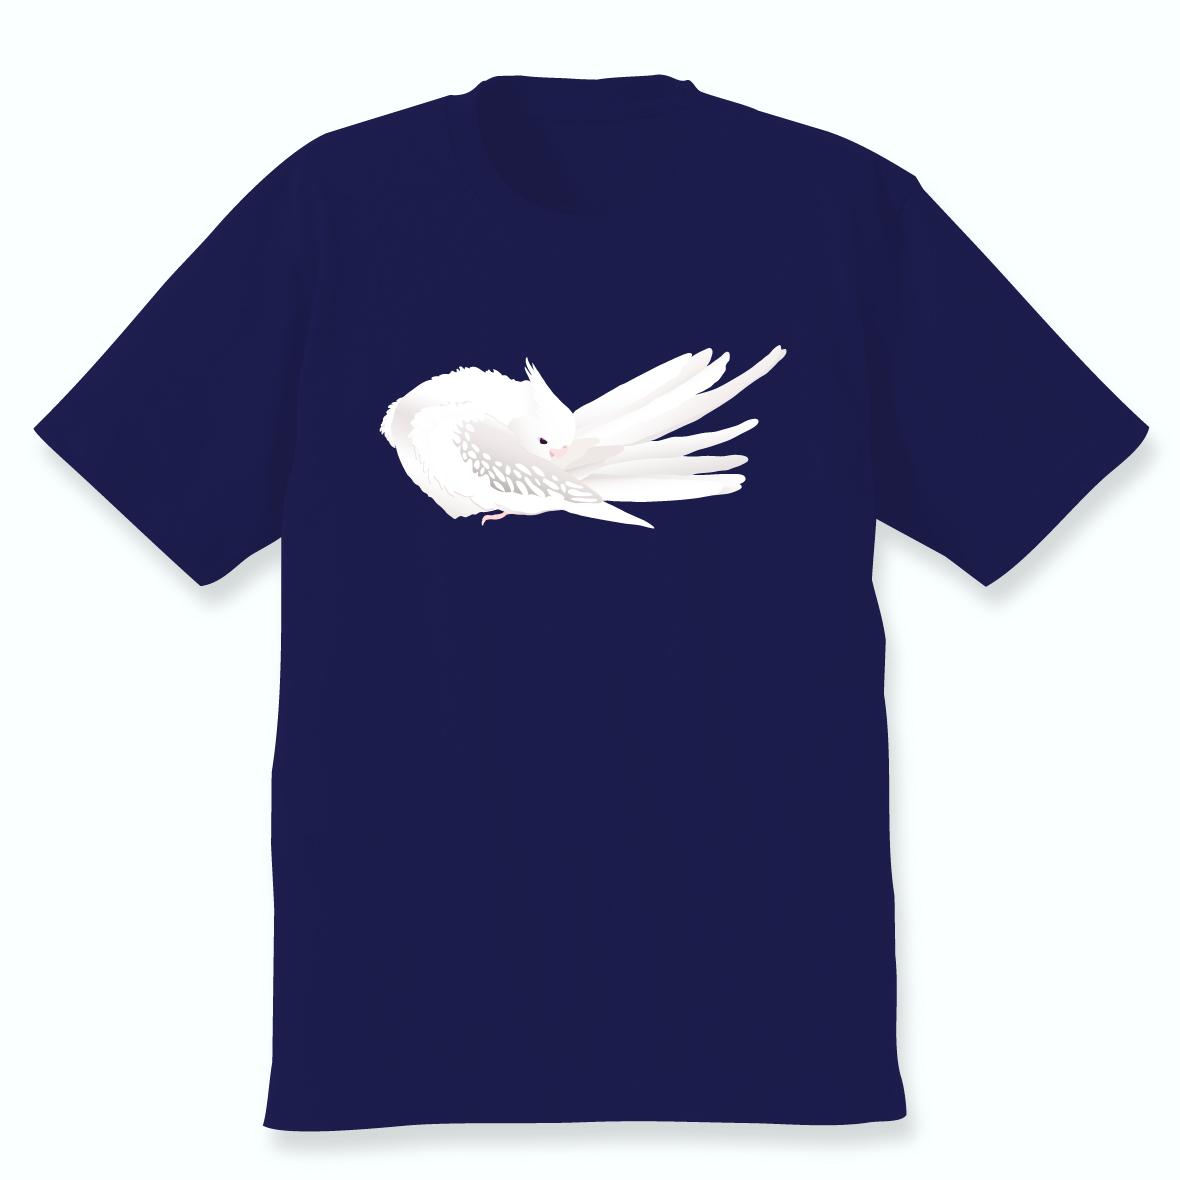 羽づくろうオカメインコTシャツ(ホワイトフェイスシナモンパールパイド)ネイビー